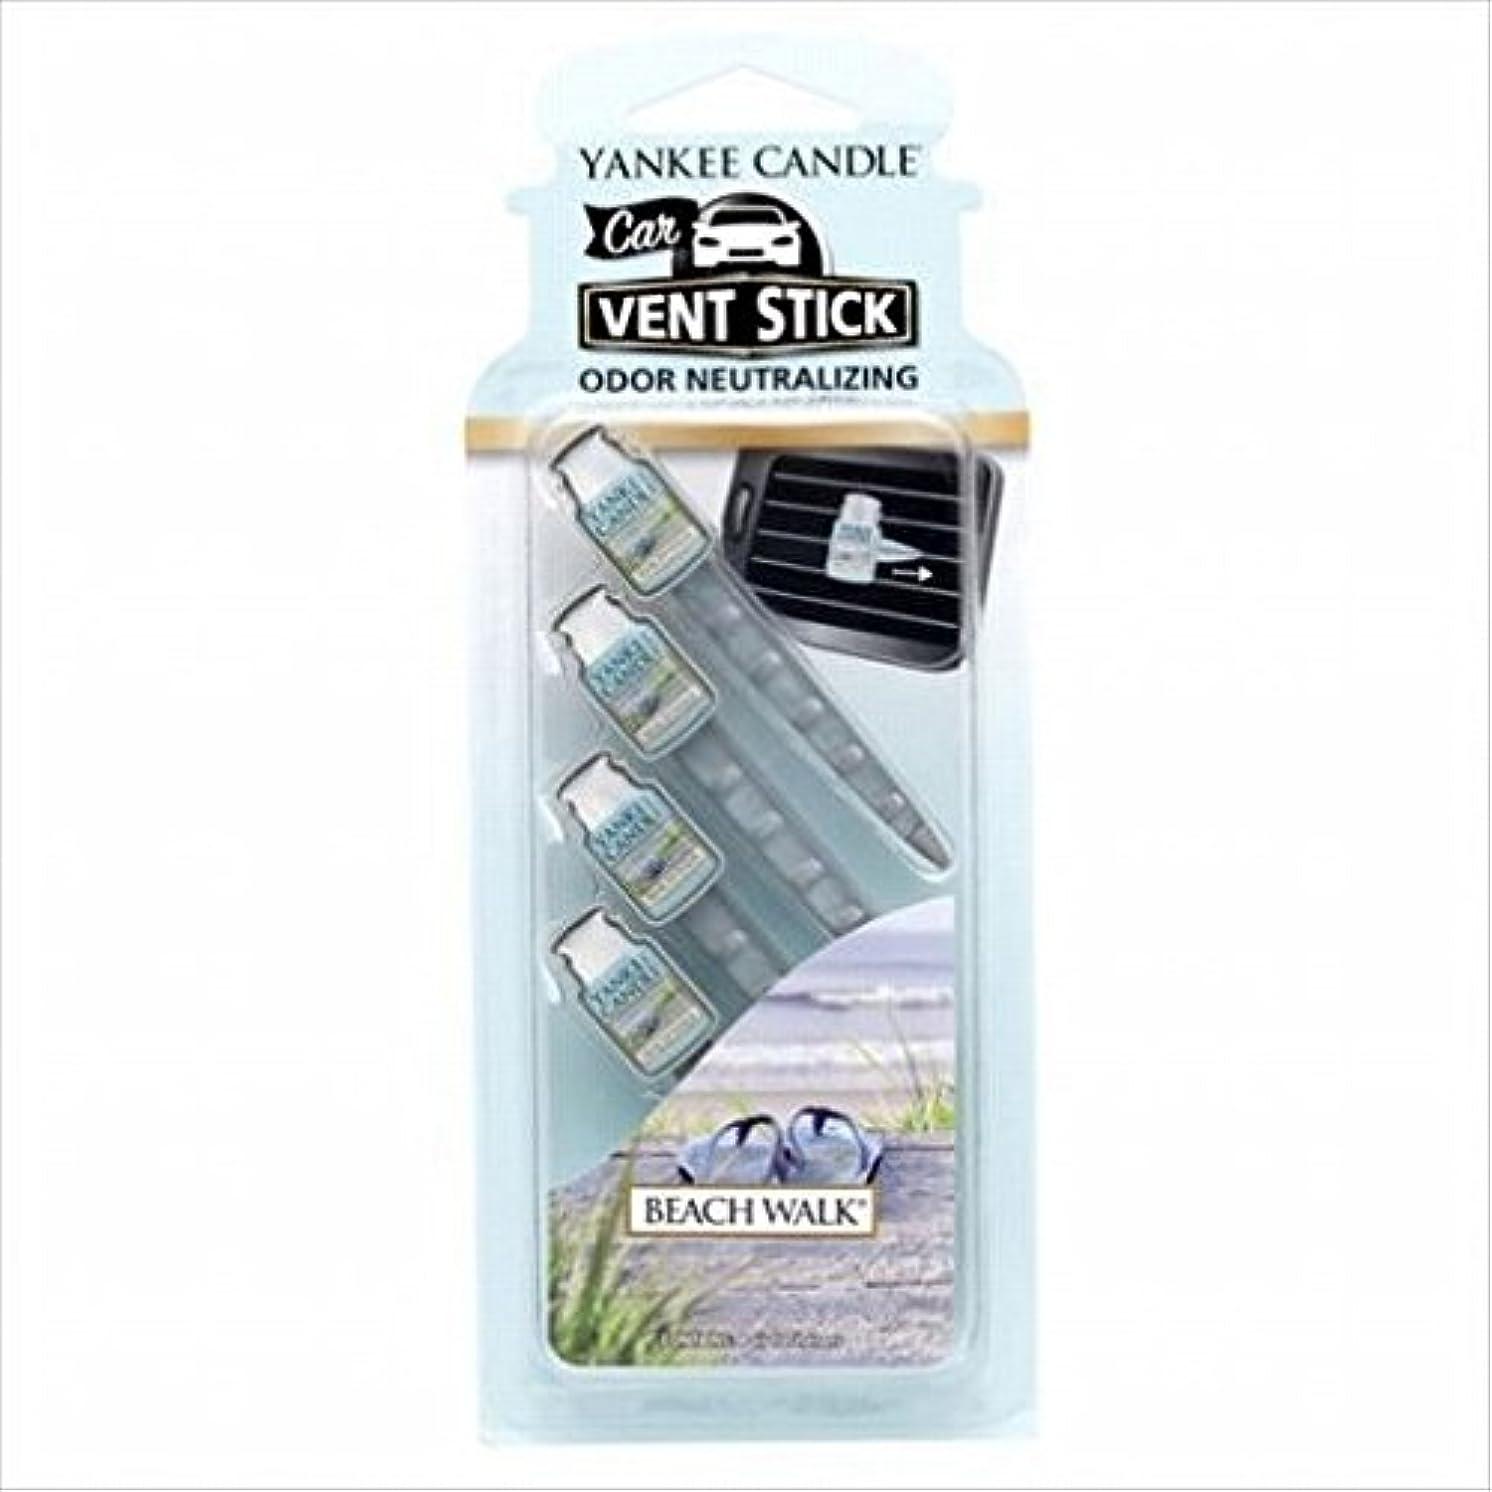 否認する試験部分YANKEE CANDLE(ヤンキーキャンドル) YANKEE CANDLE カーフレグランススティック 「 ビーチウォーク 」(K3220578)